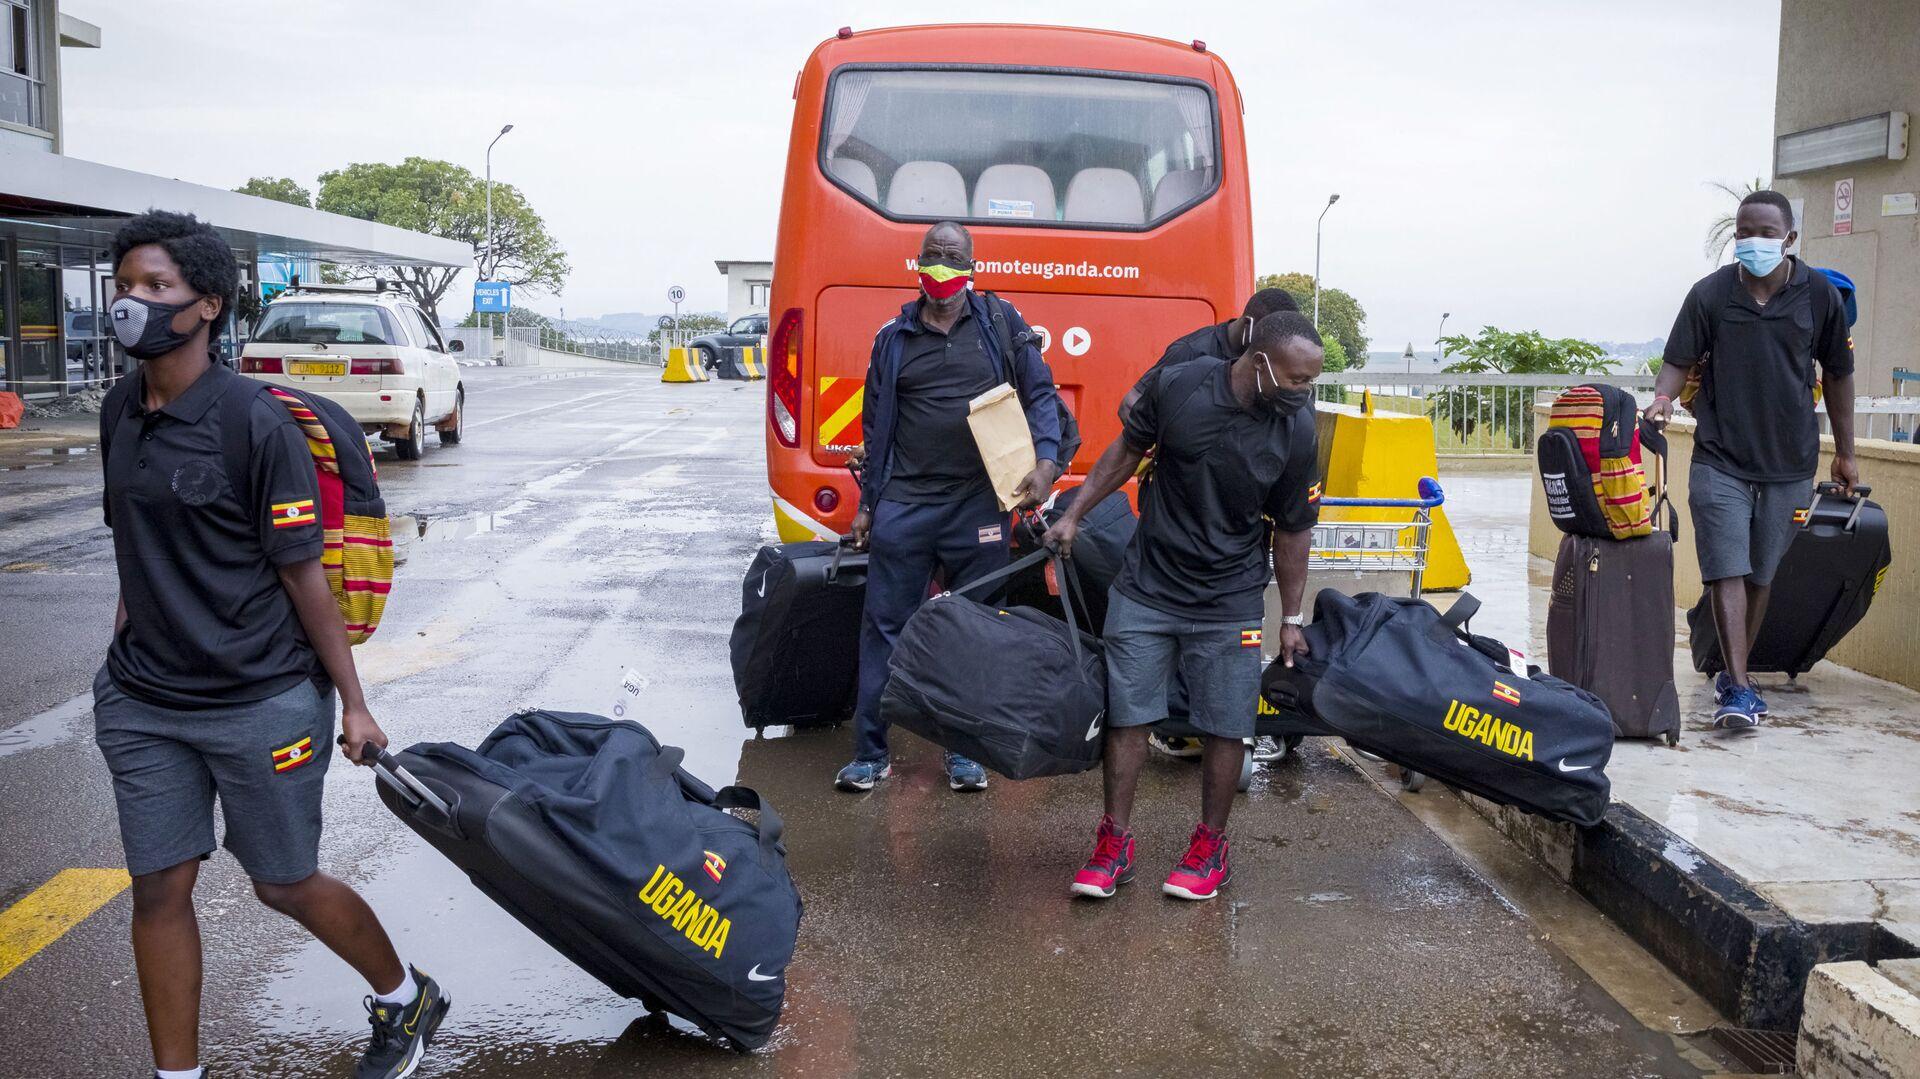 Ugandský olympijský boxerský tým na mezinárodním letišti Entebbe před odletem do Tokia - Sputnik Česká republika, 1920, 18.07.2021